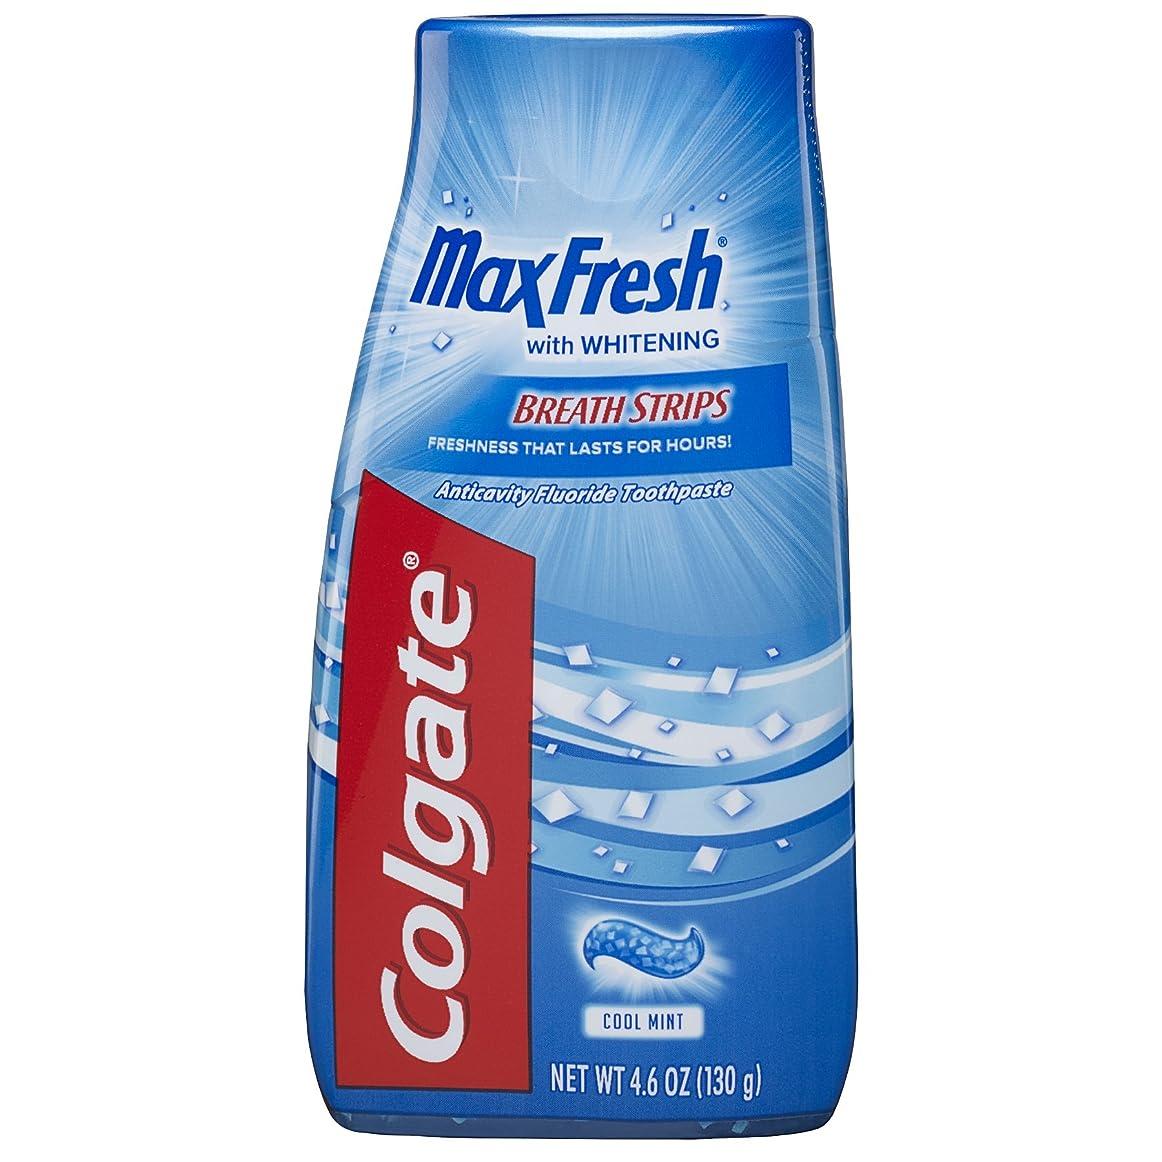 写真のアラバマ混乱Colgate マックス新鮮な液体ゲル2-IN-1歯磨き粉およびマウスウォッシュ - 4.6オンス(12パック)